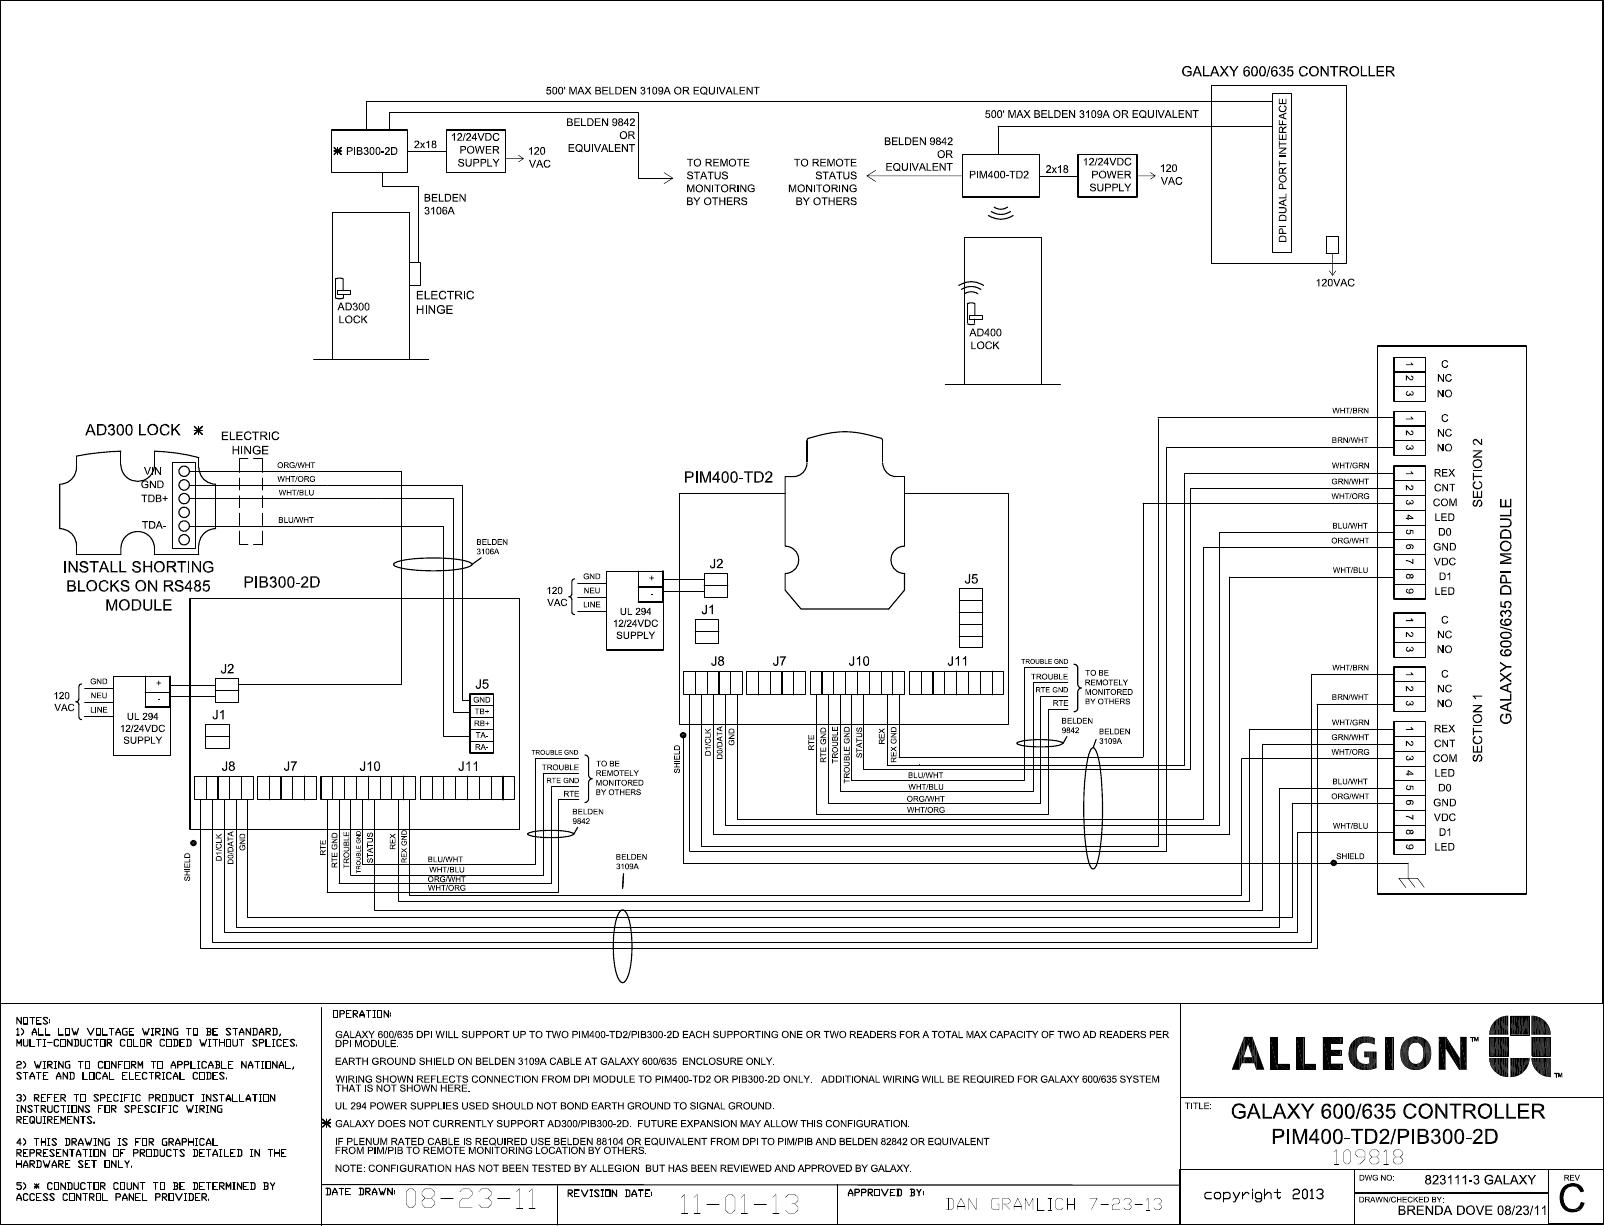 Schlage Electronics C Ad300 Ad400 Wiring Diagram Galaxy 600 635 Dpi Wiegand 109818